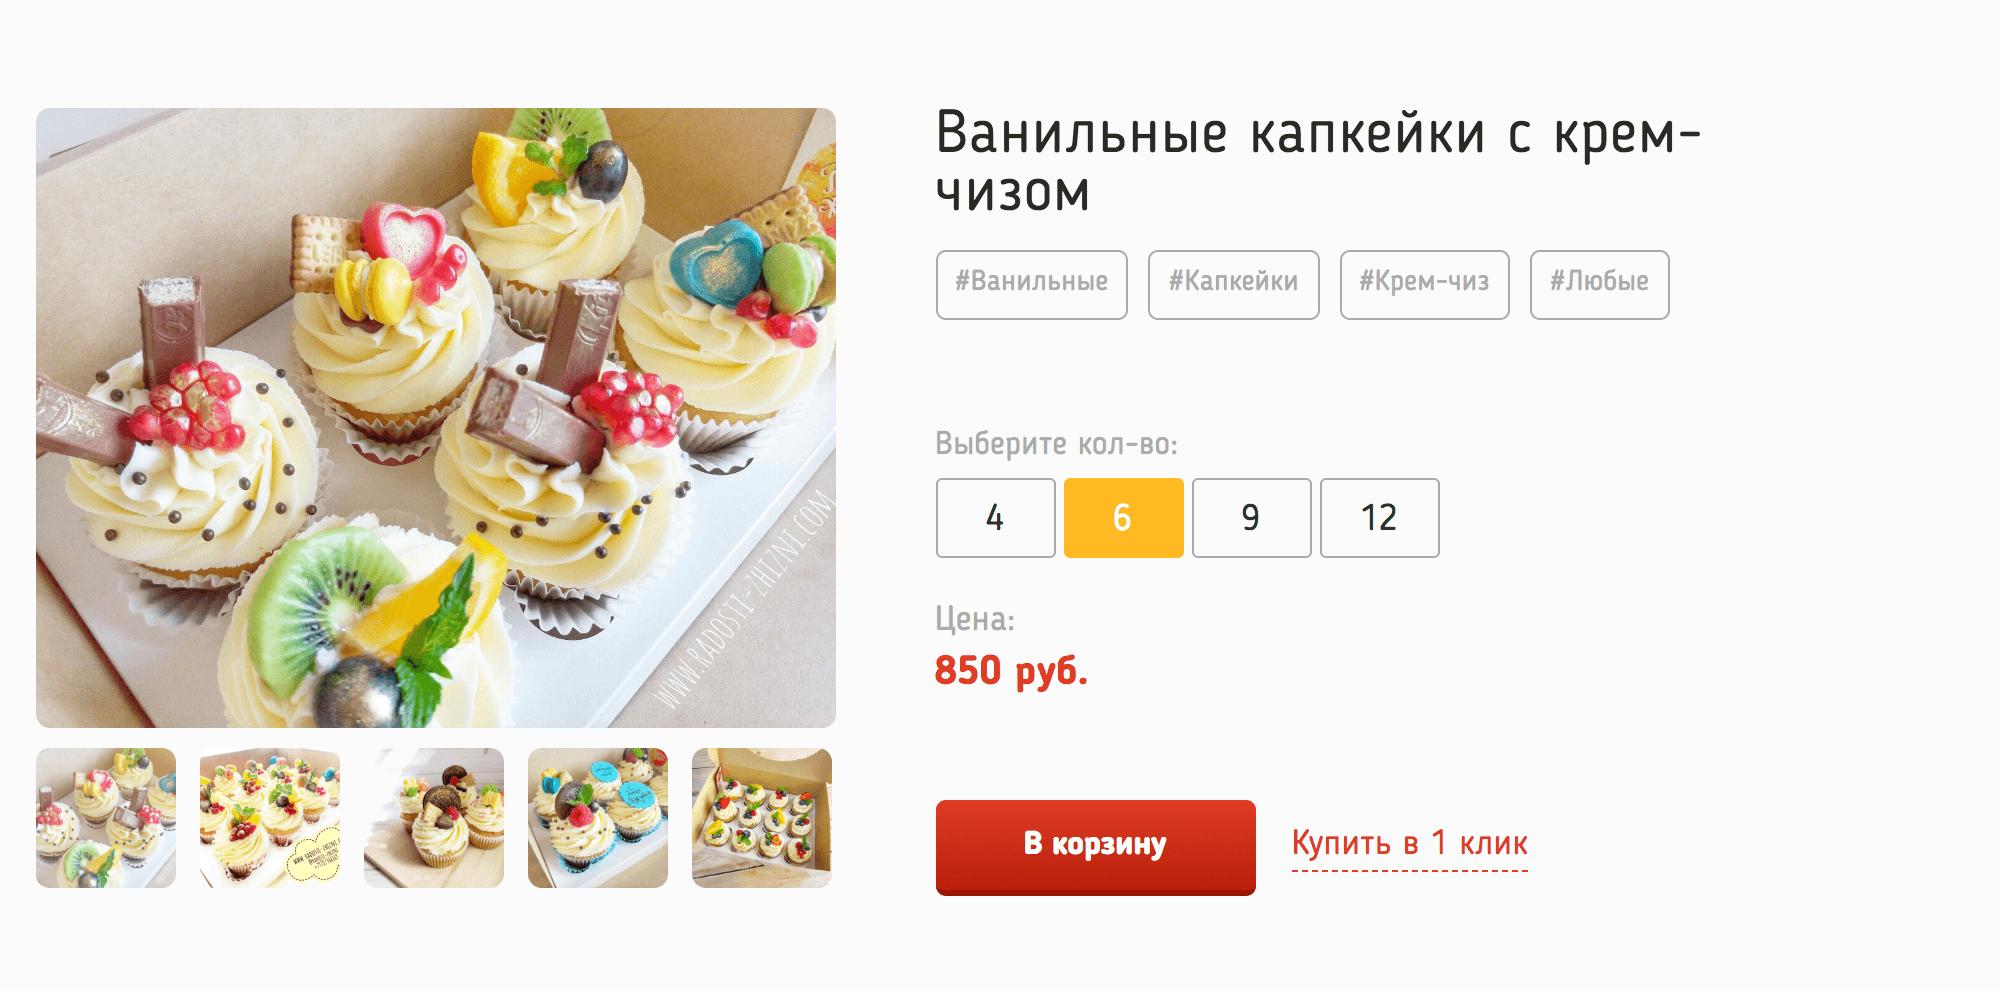 На день рождения учителя в этом году мы заказали пирожные и сделали на одном индивидуальную надпись. Фирму нашли через интернет, в магазине такое не продают